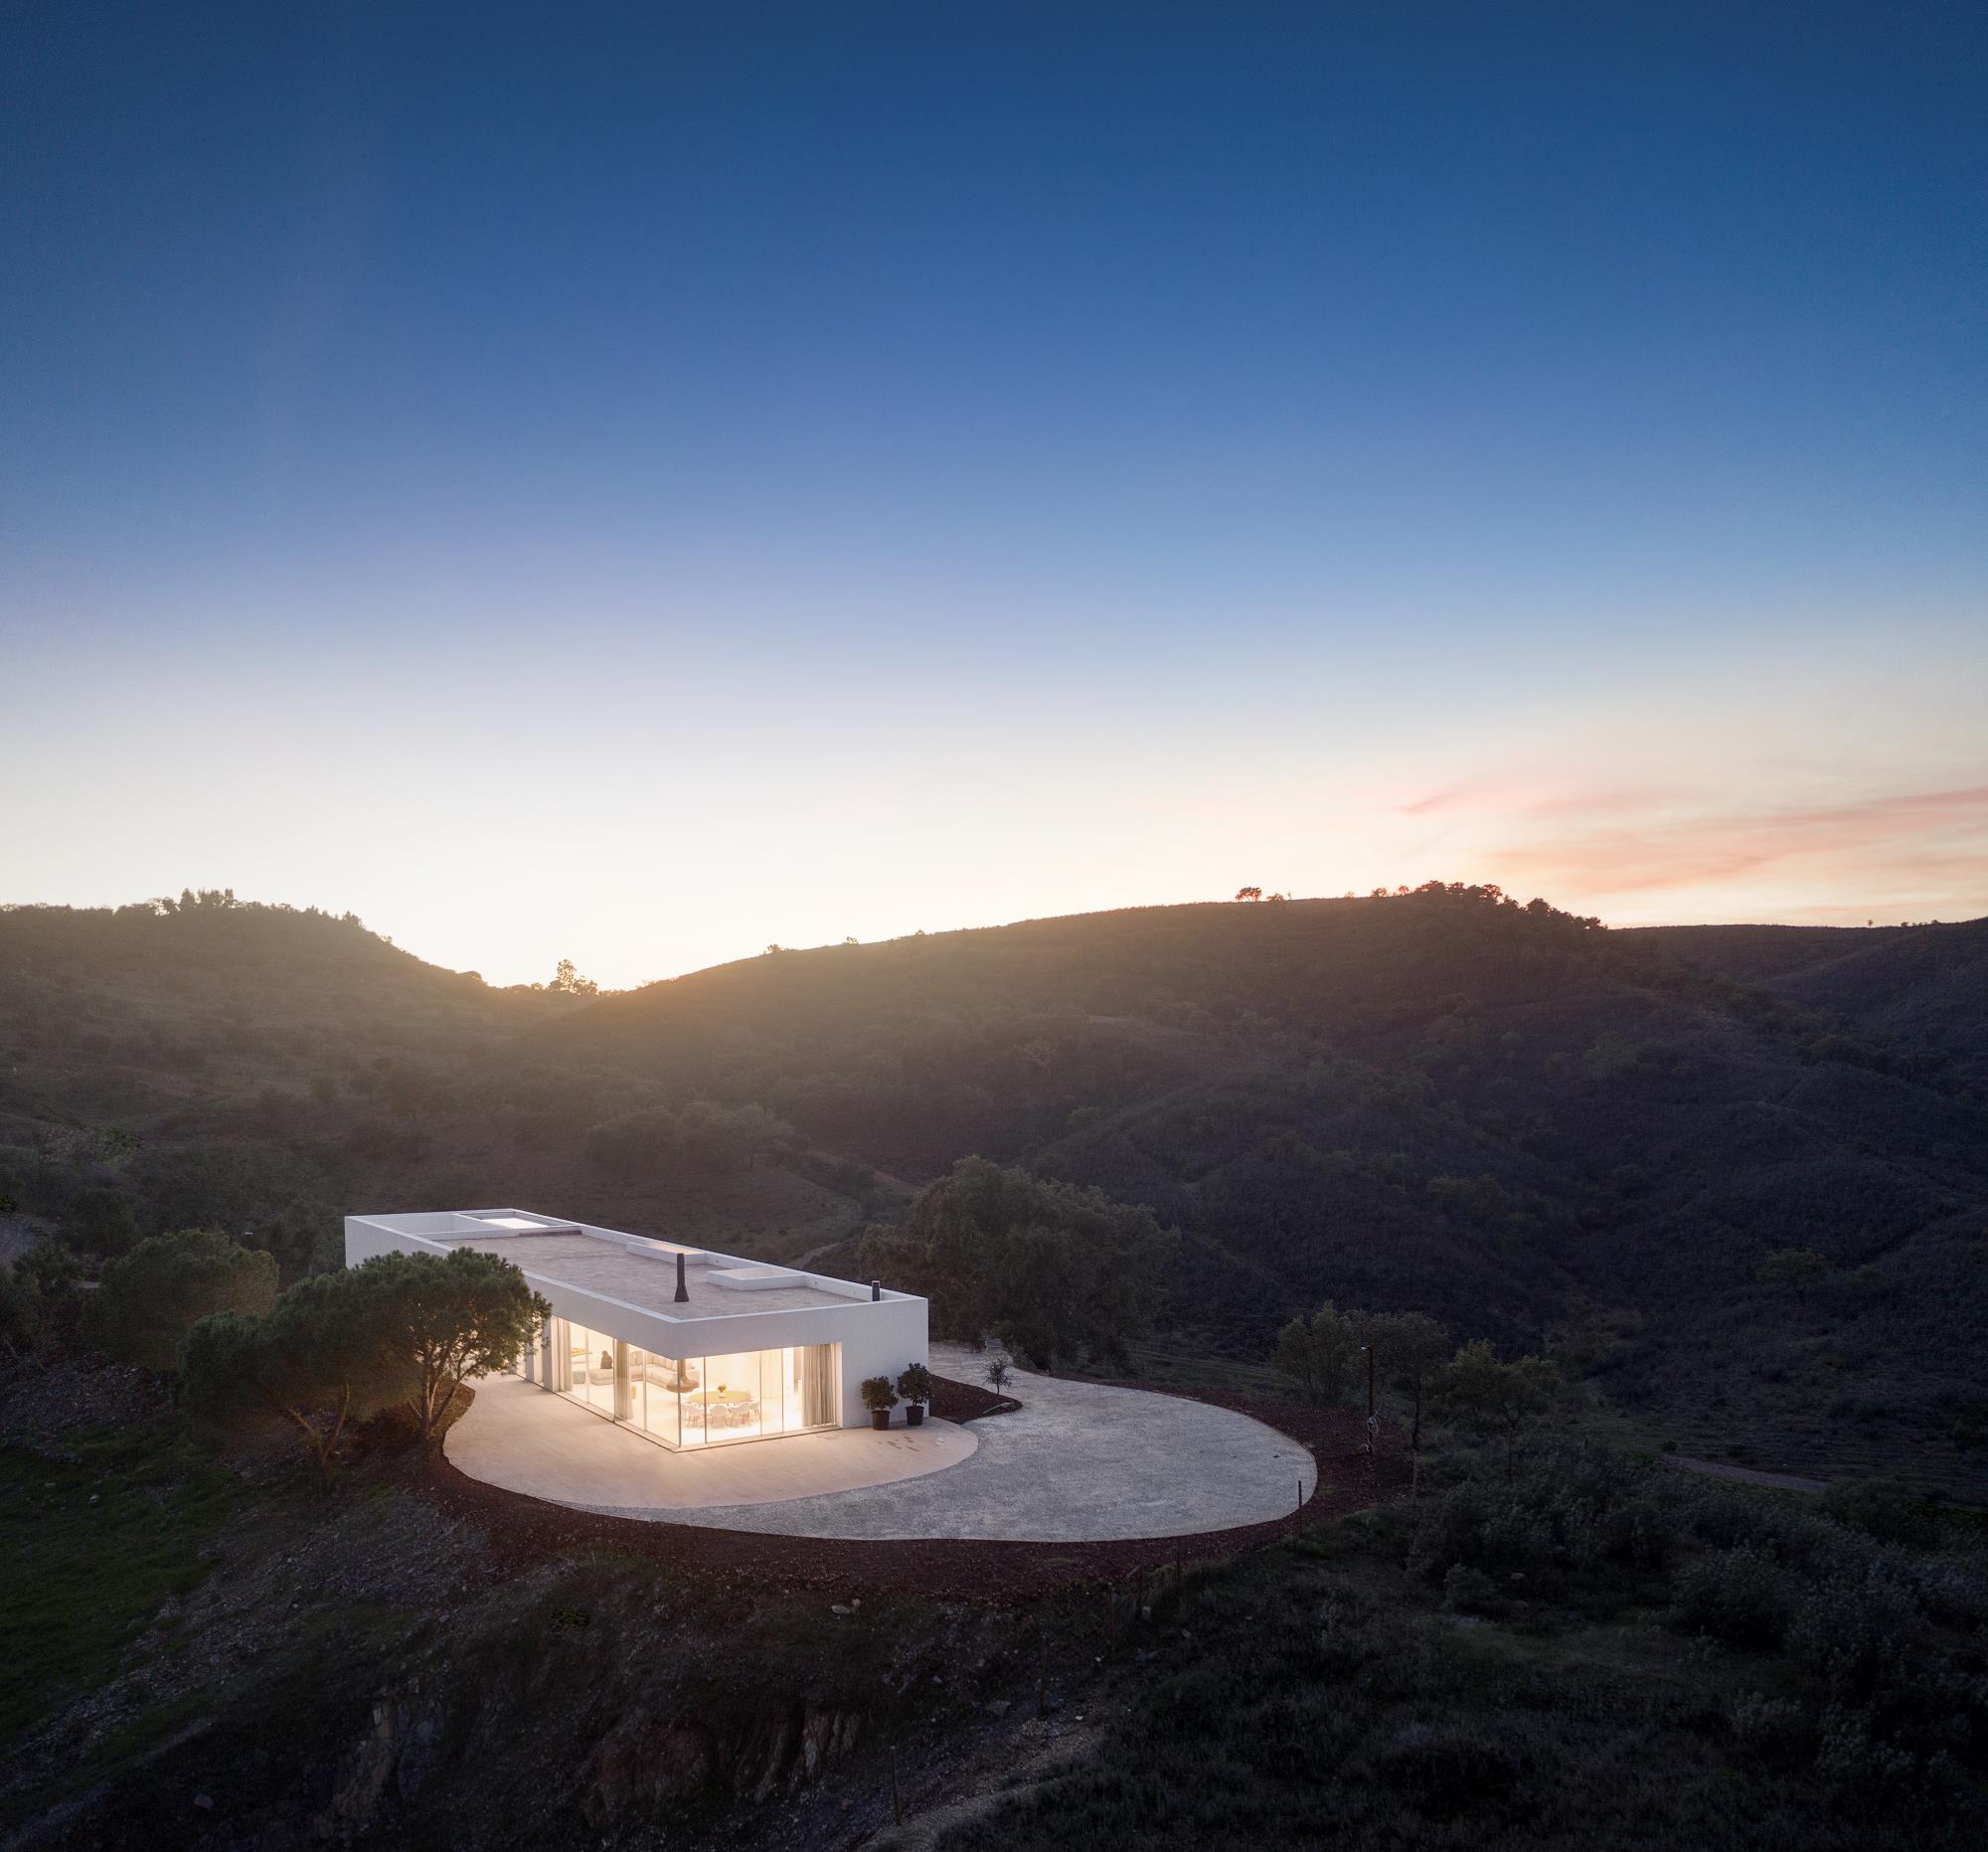 〔안정원의 건축 칼럼〕기존 건물의 기초 위에 실험적이면서도 독창적인 볼륨감을 부여한 주택4